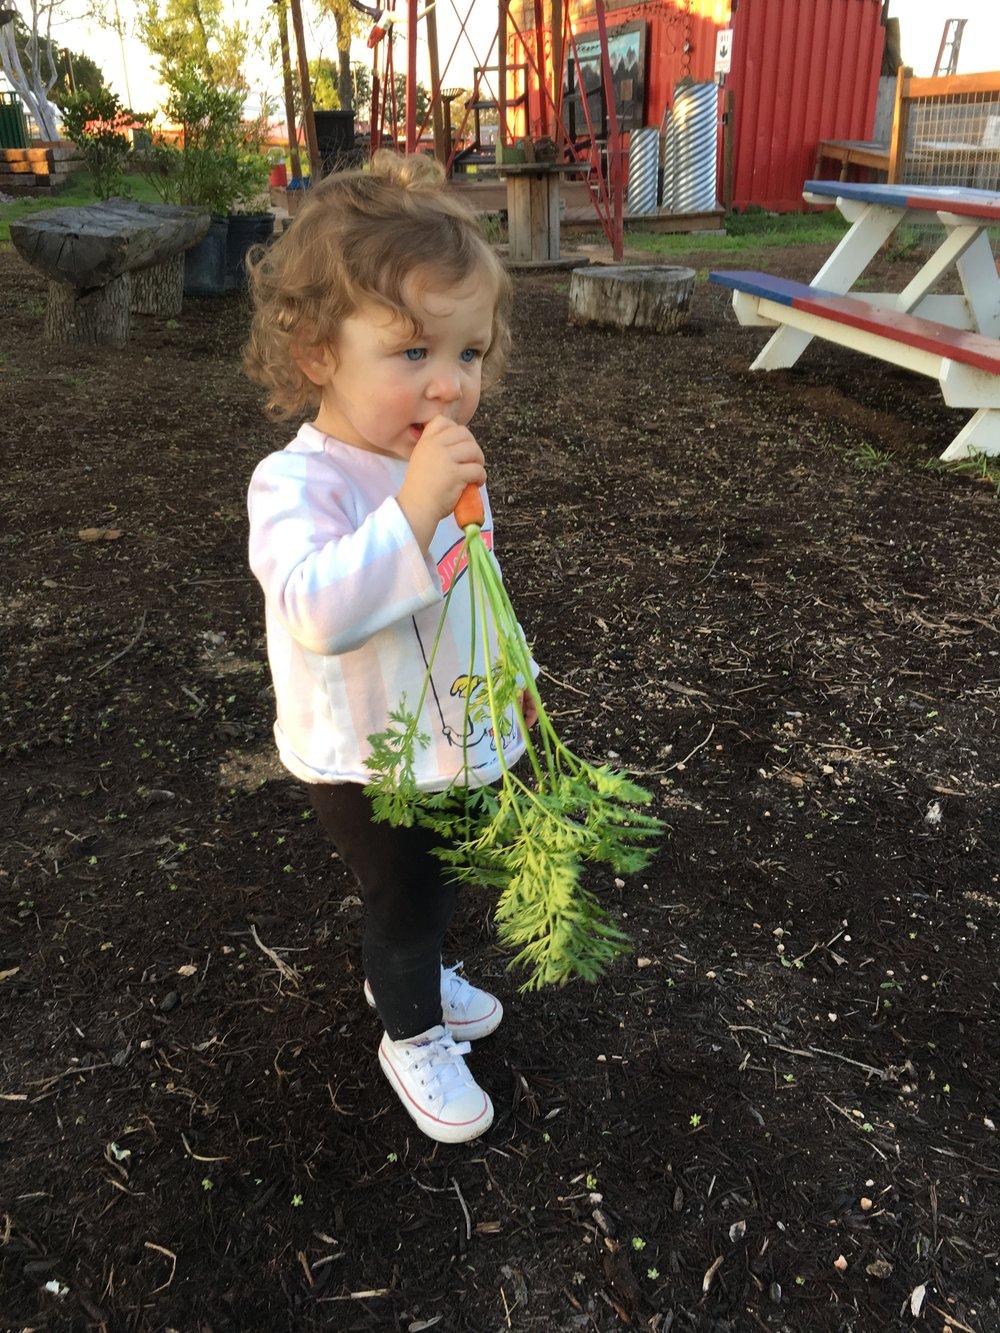 Truma eatin a carrot she harvested